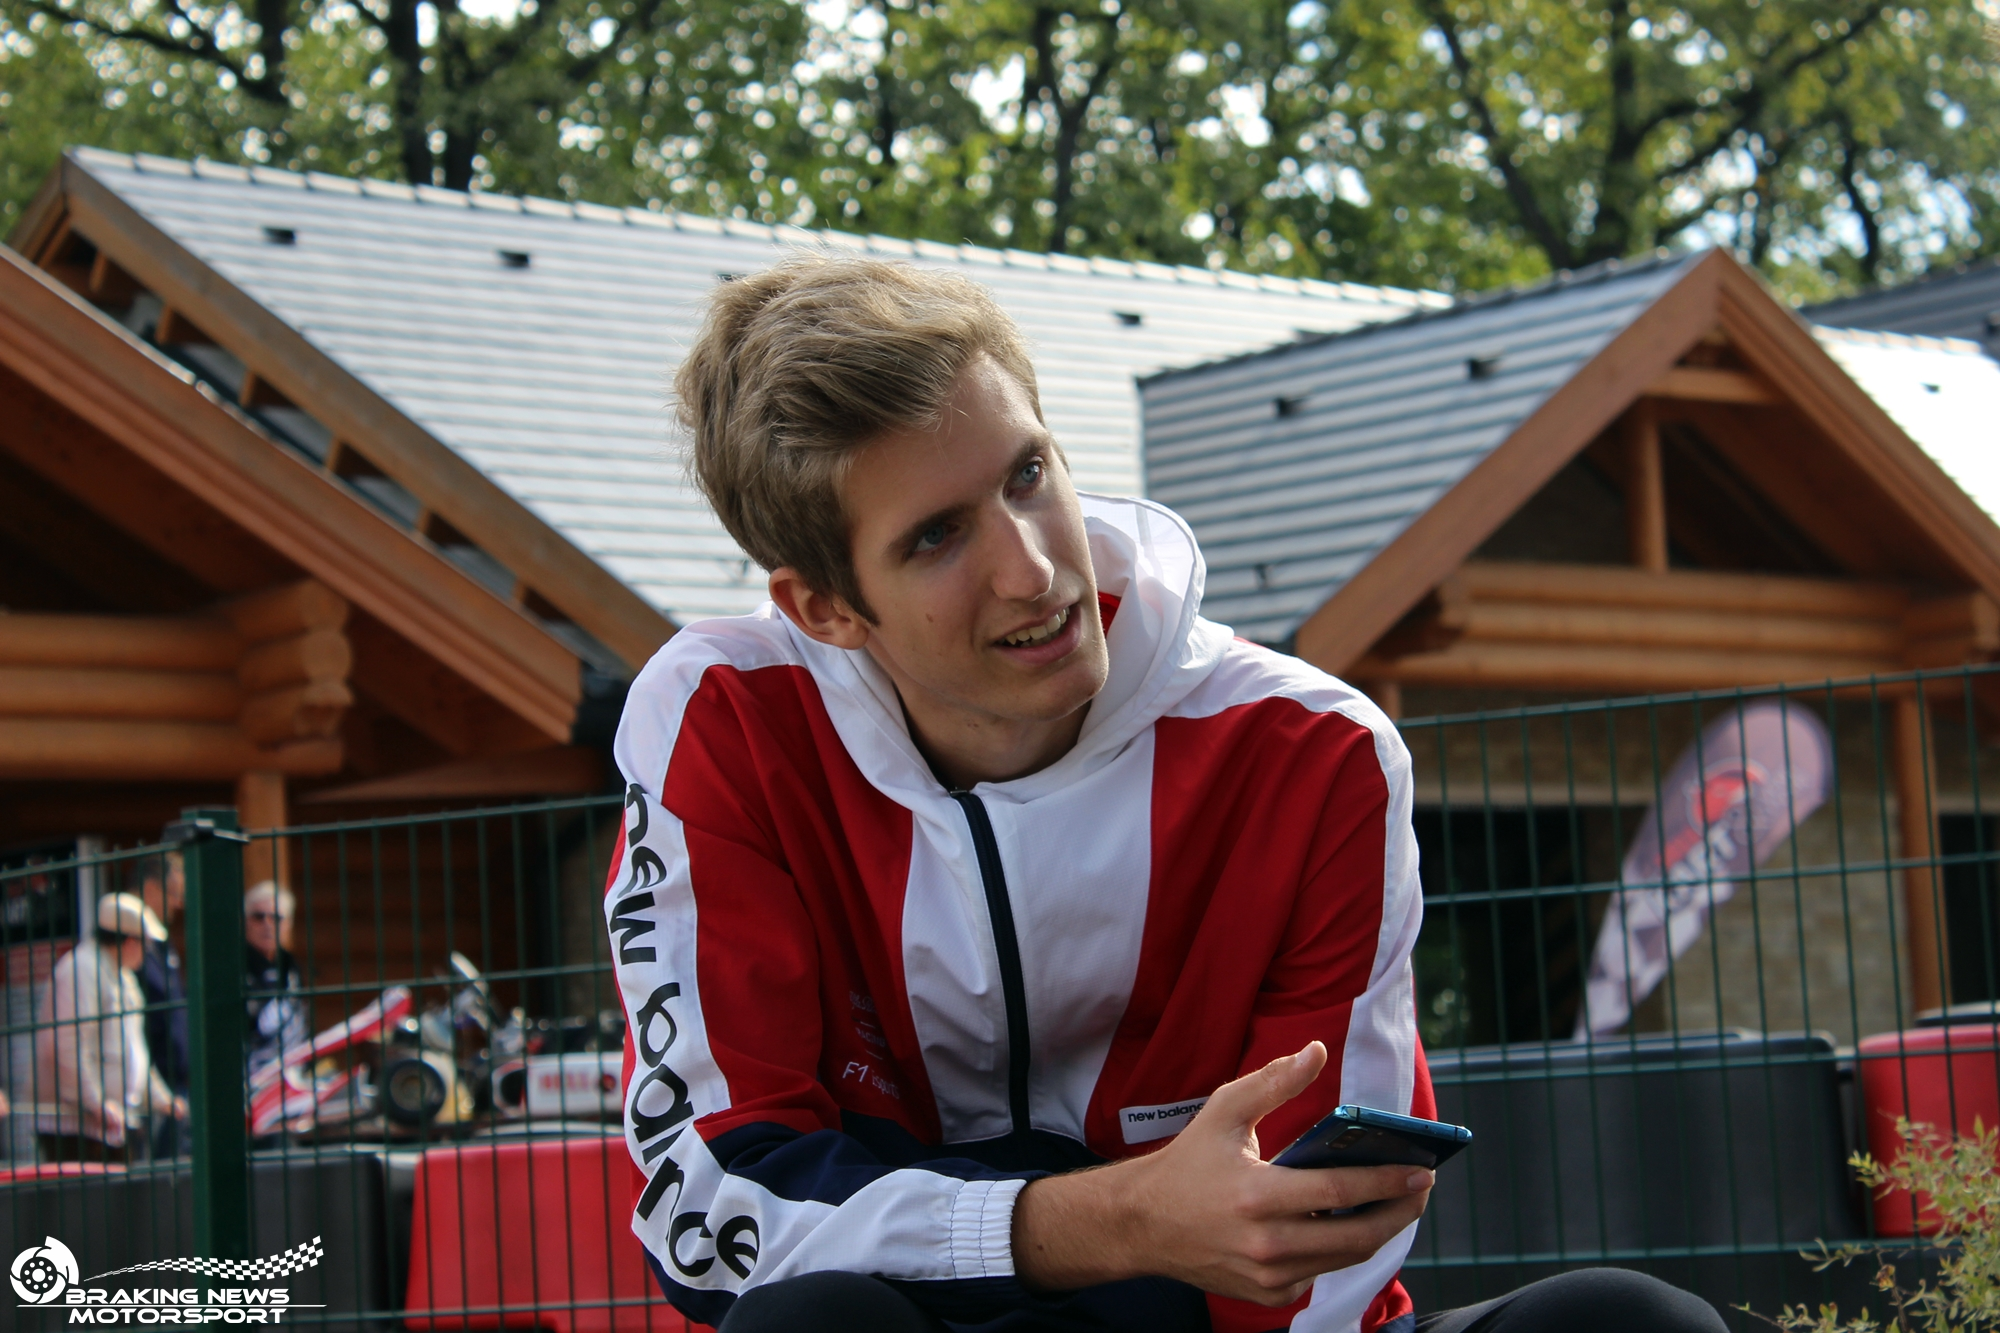 Újonc lett a bajnok az F1 Esports-ban, Bereznay győzelemmel bronzérmes